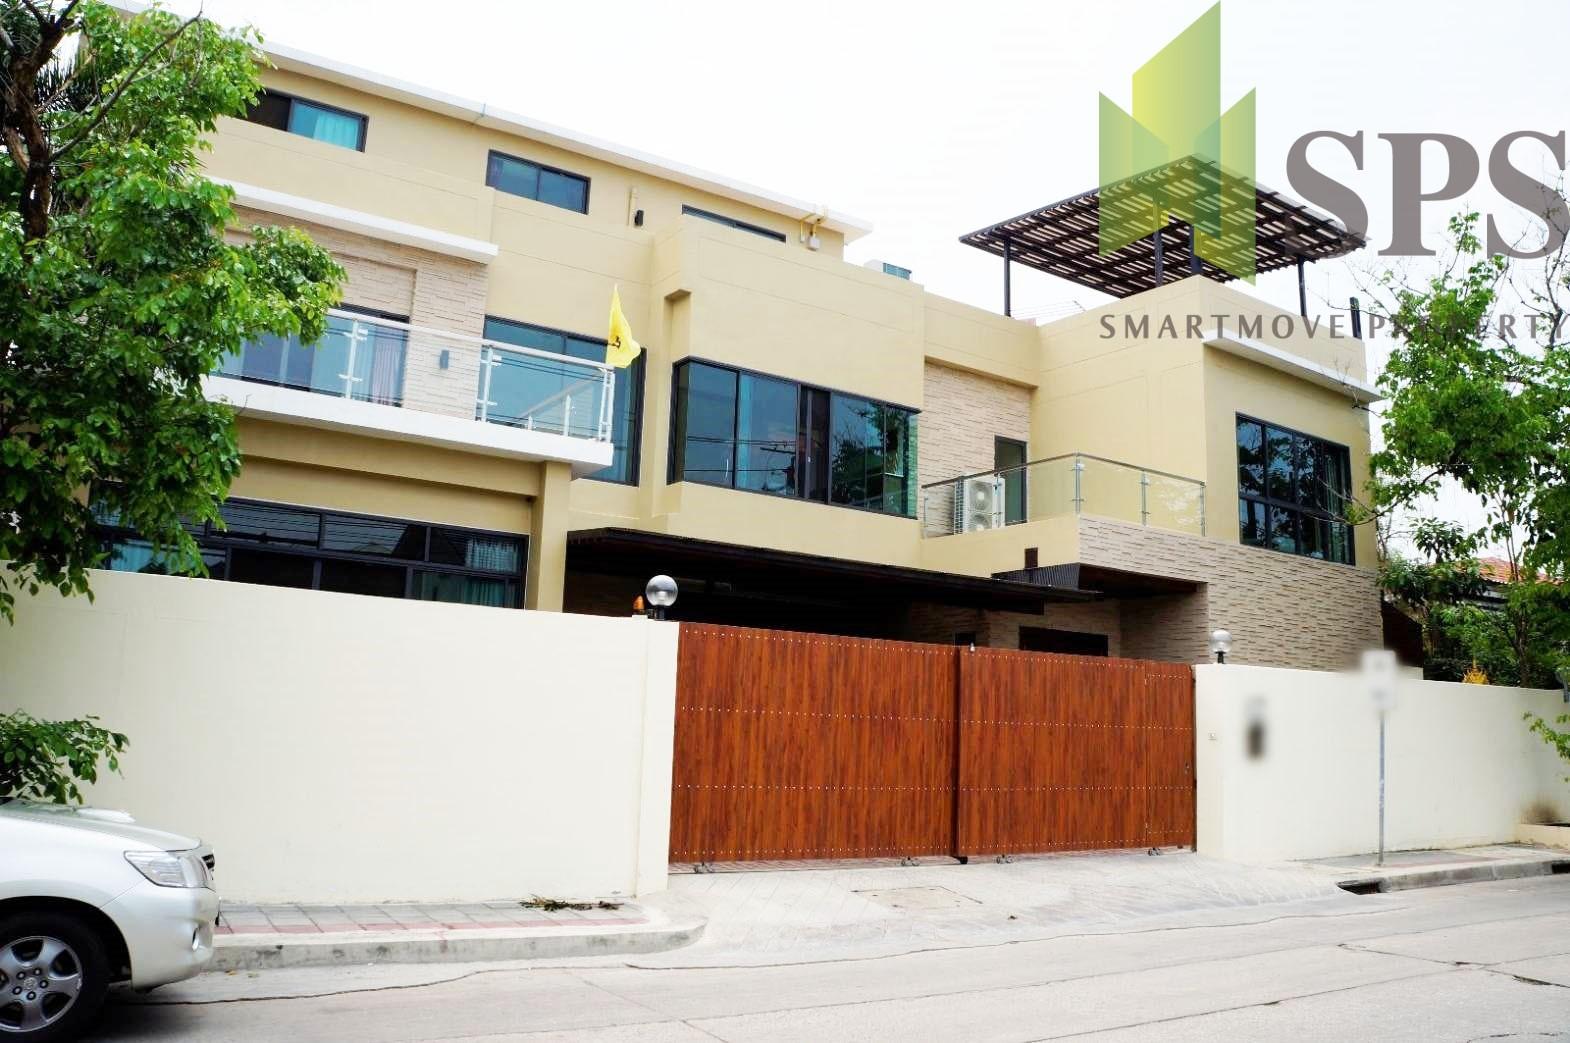 For Sale Single House Sukhumvit71 (SPS-GH230)